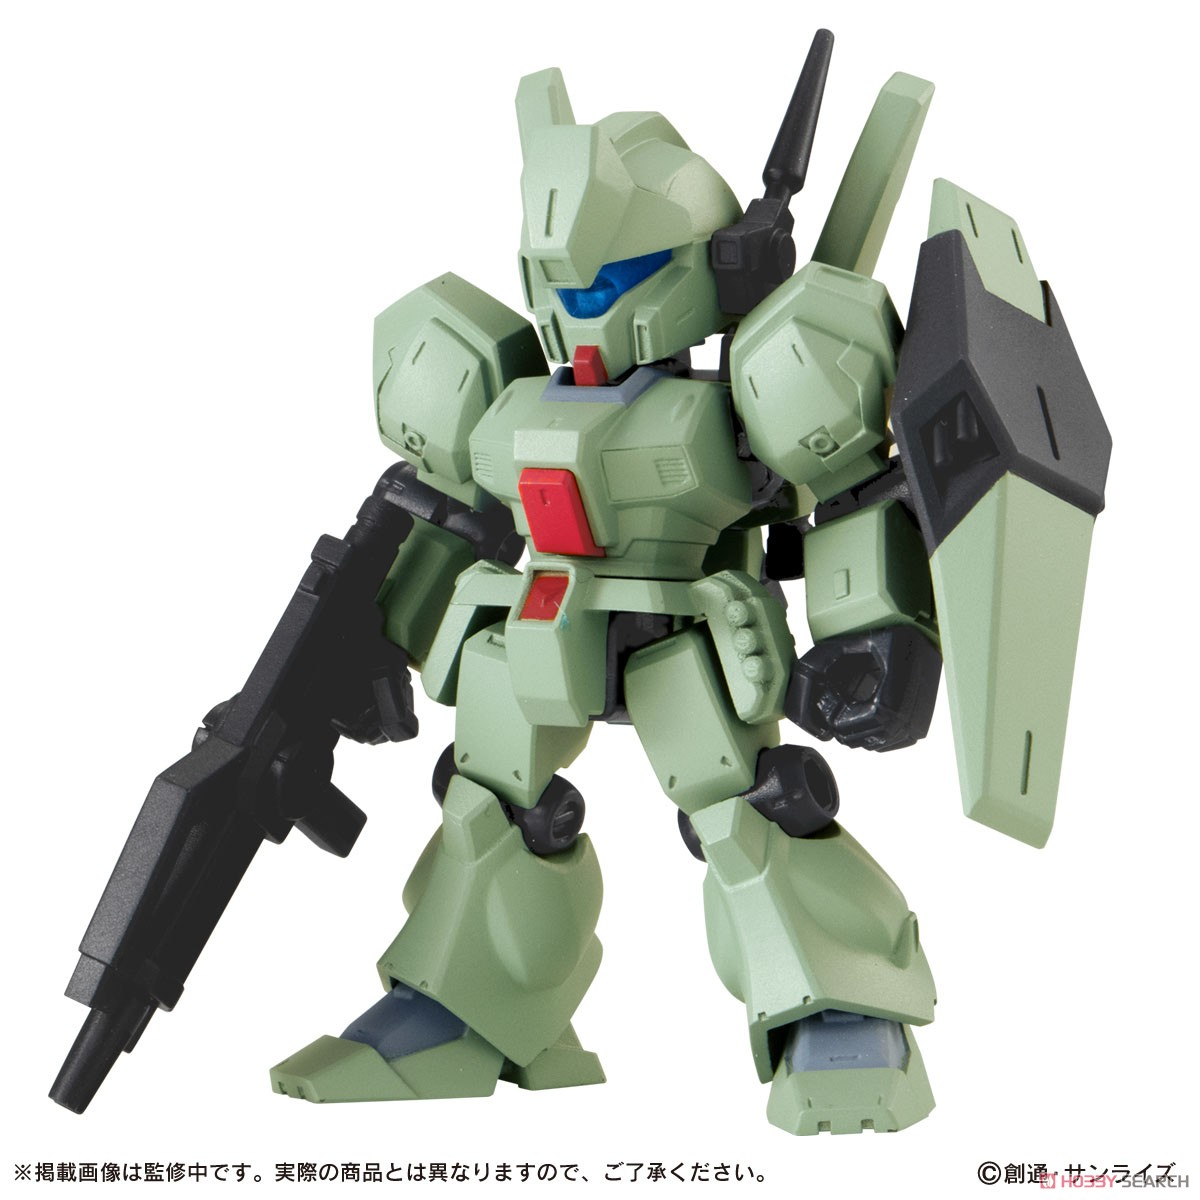 機動戦士ガンダム『MOBILE SUIT ENSEMBLE19』デフォルメ可動フィギュア 10個入りBOX-005